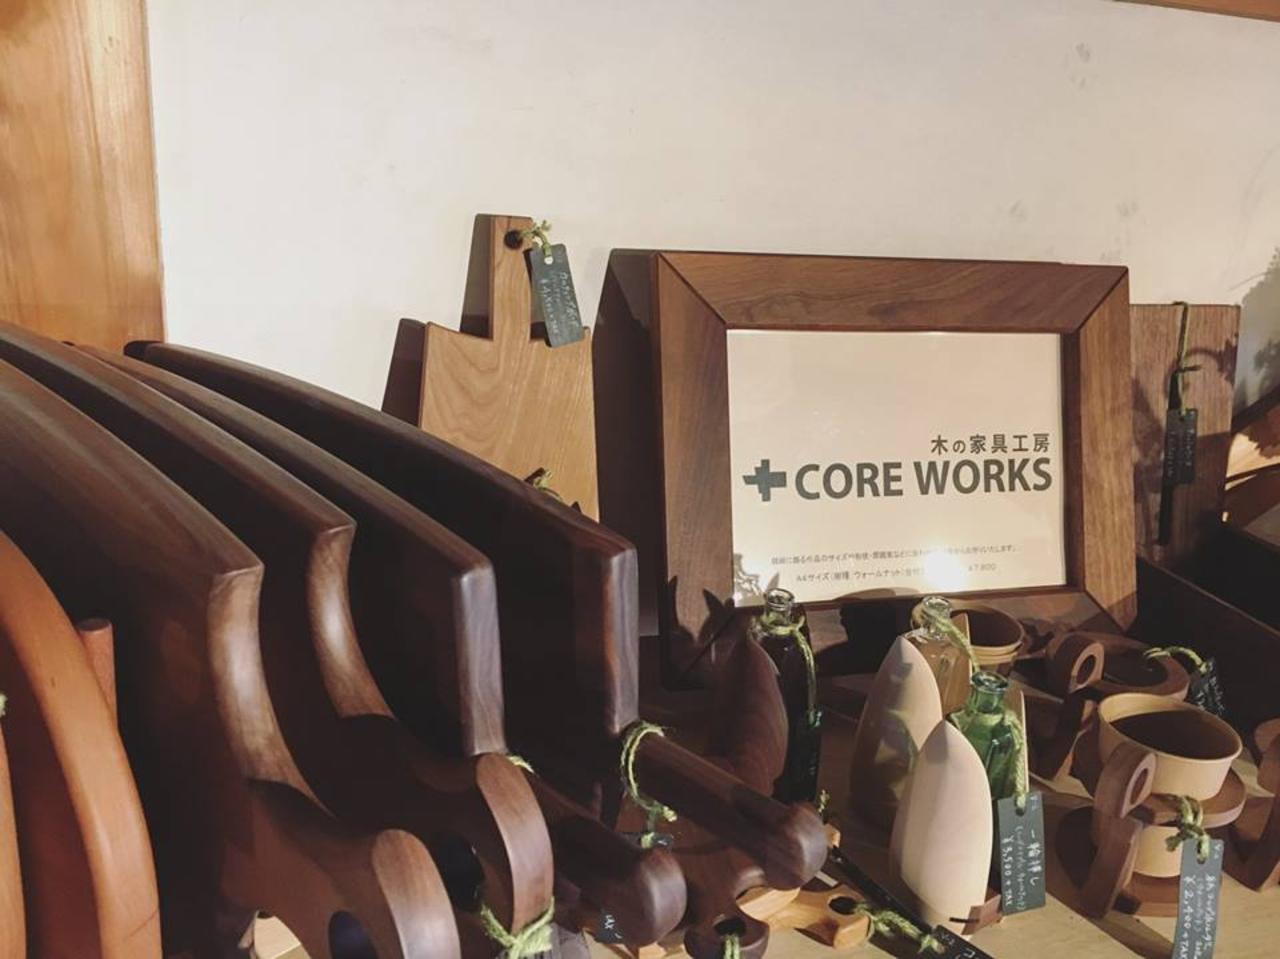 CORE-WORKS様常設販売に、素敵なうつわも届きました。